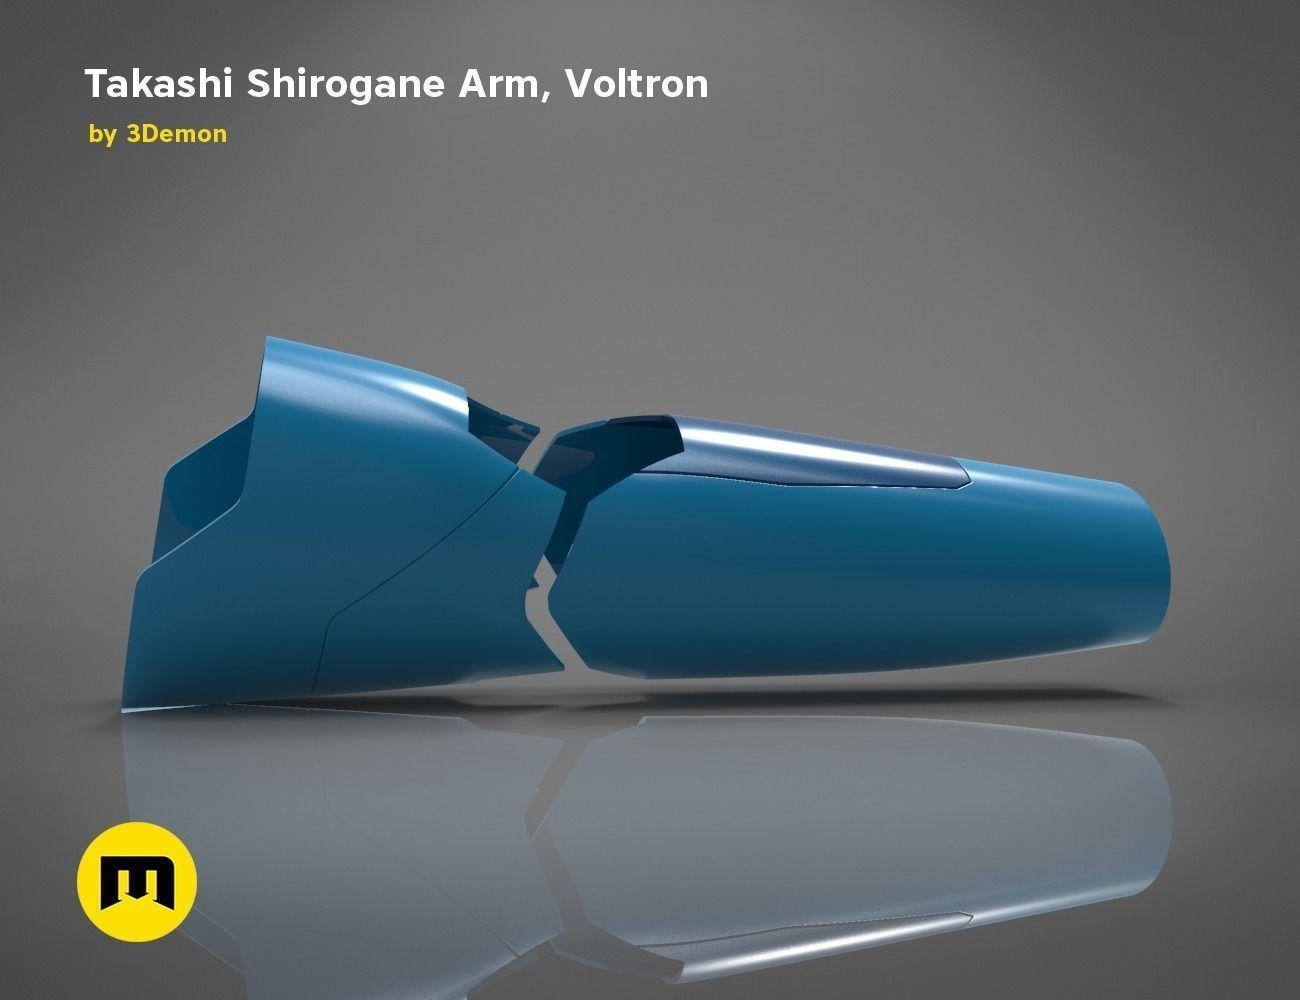 Takashi  Shirogane Arm from Voltron